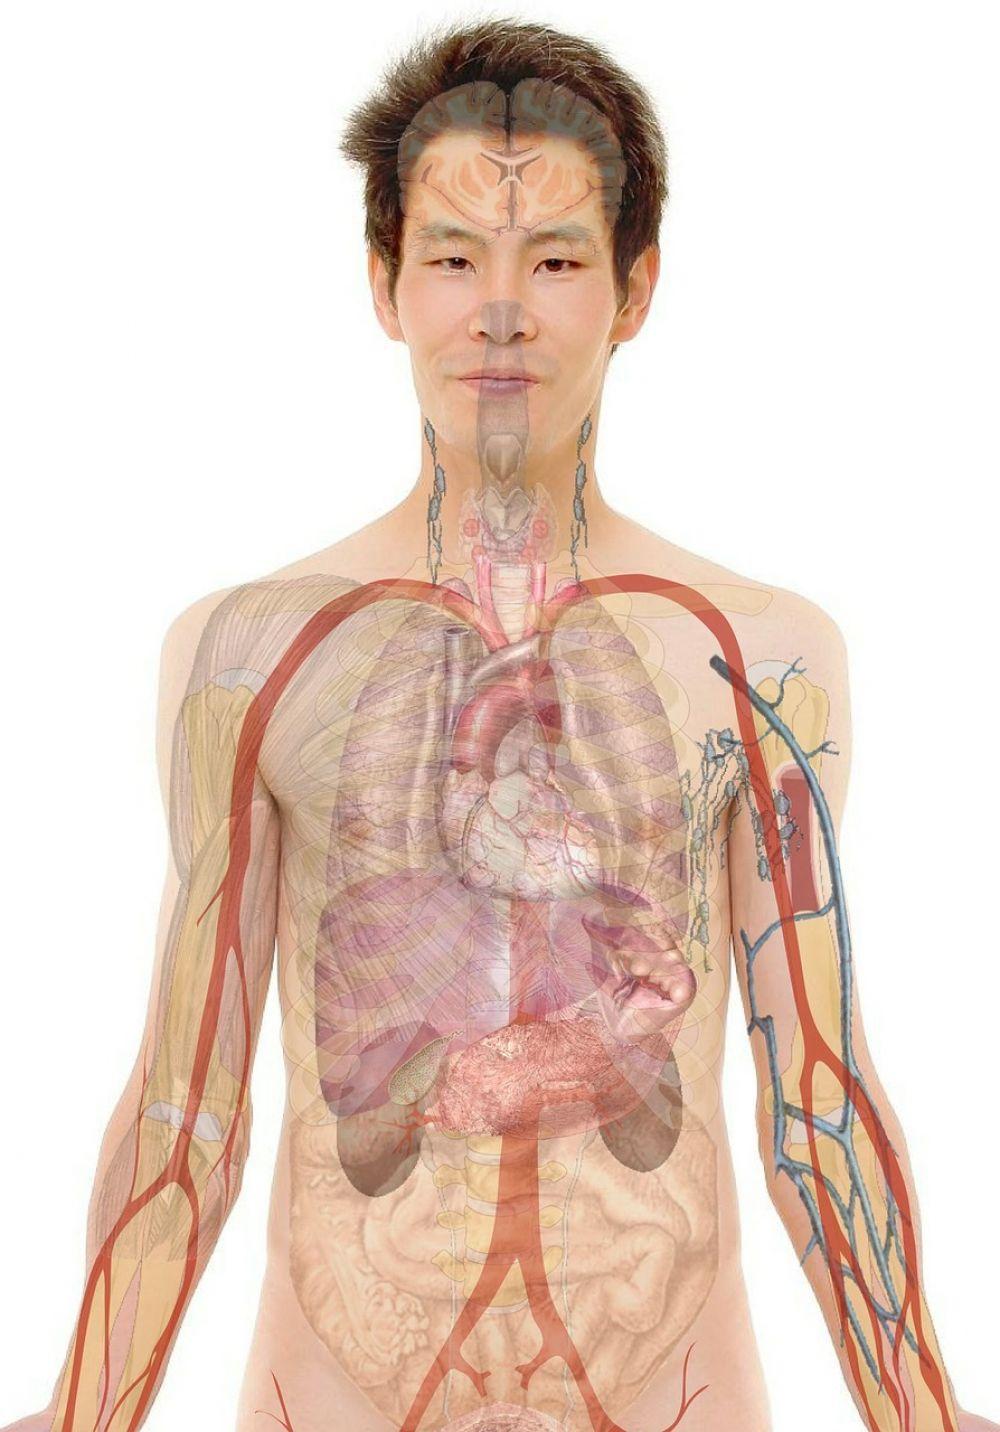 Científicos descubren nuevo organo humano